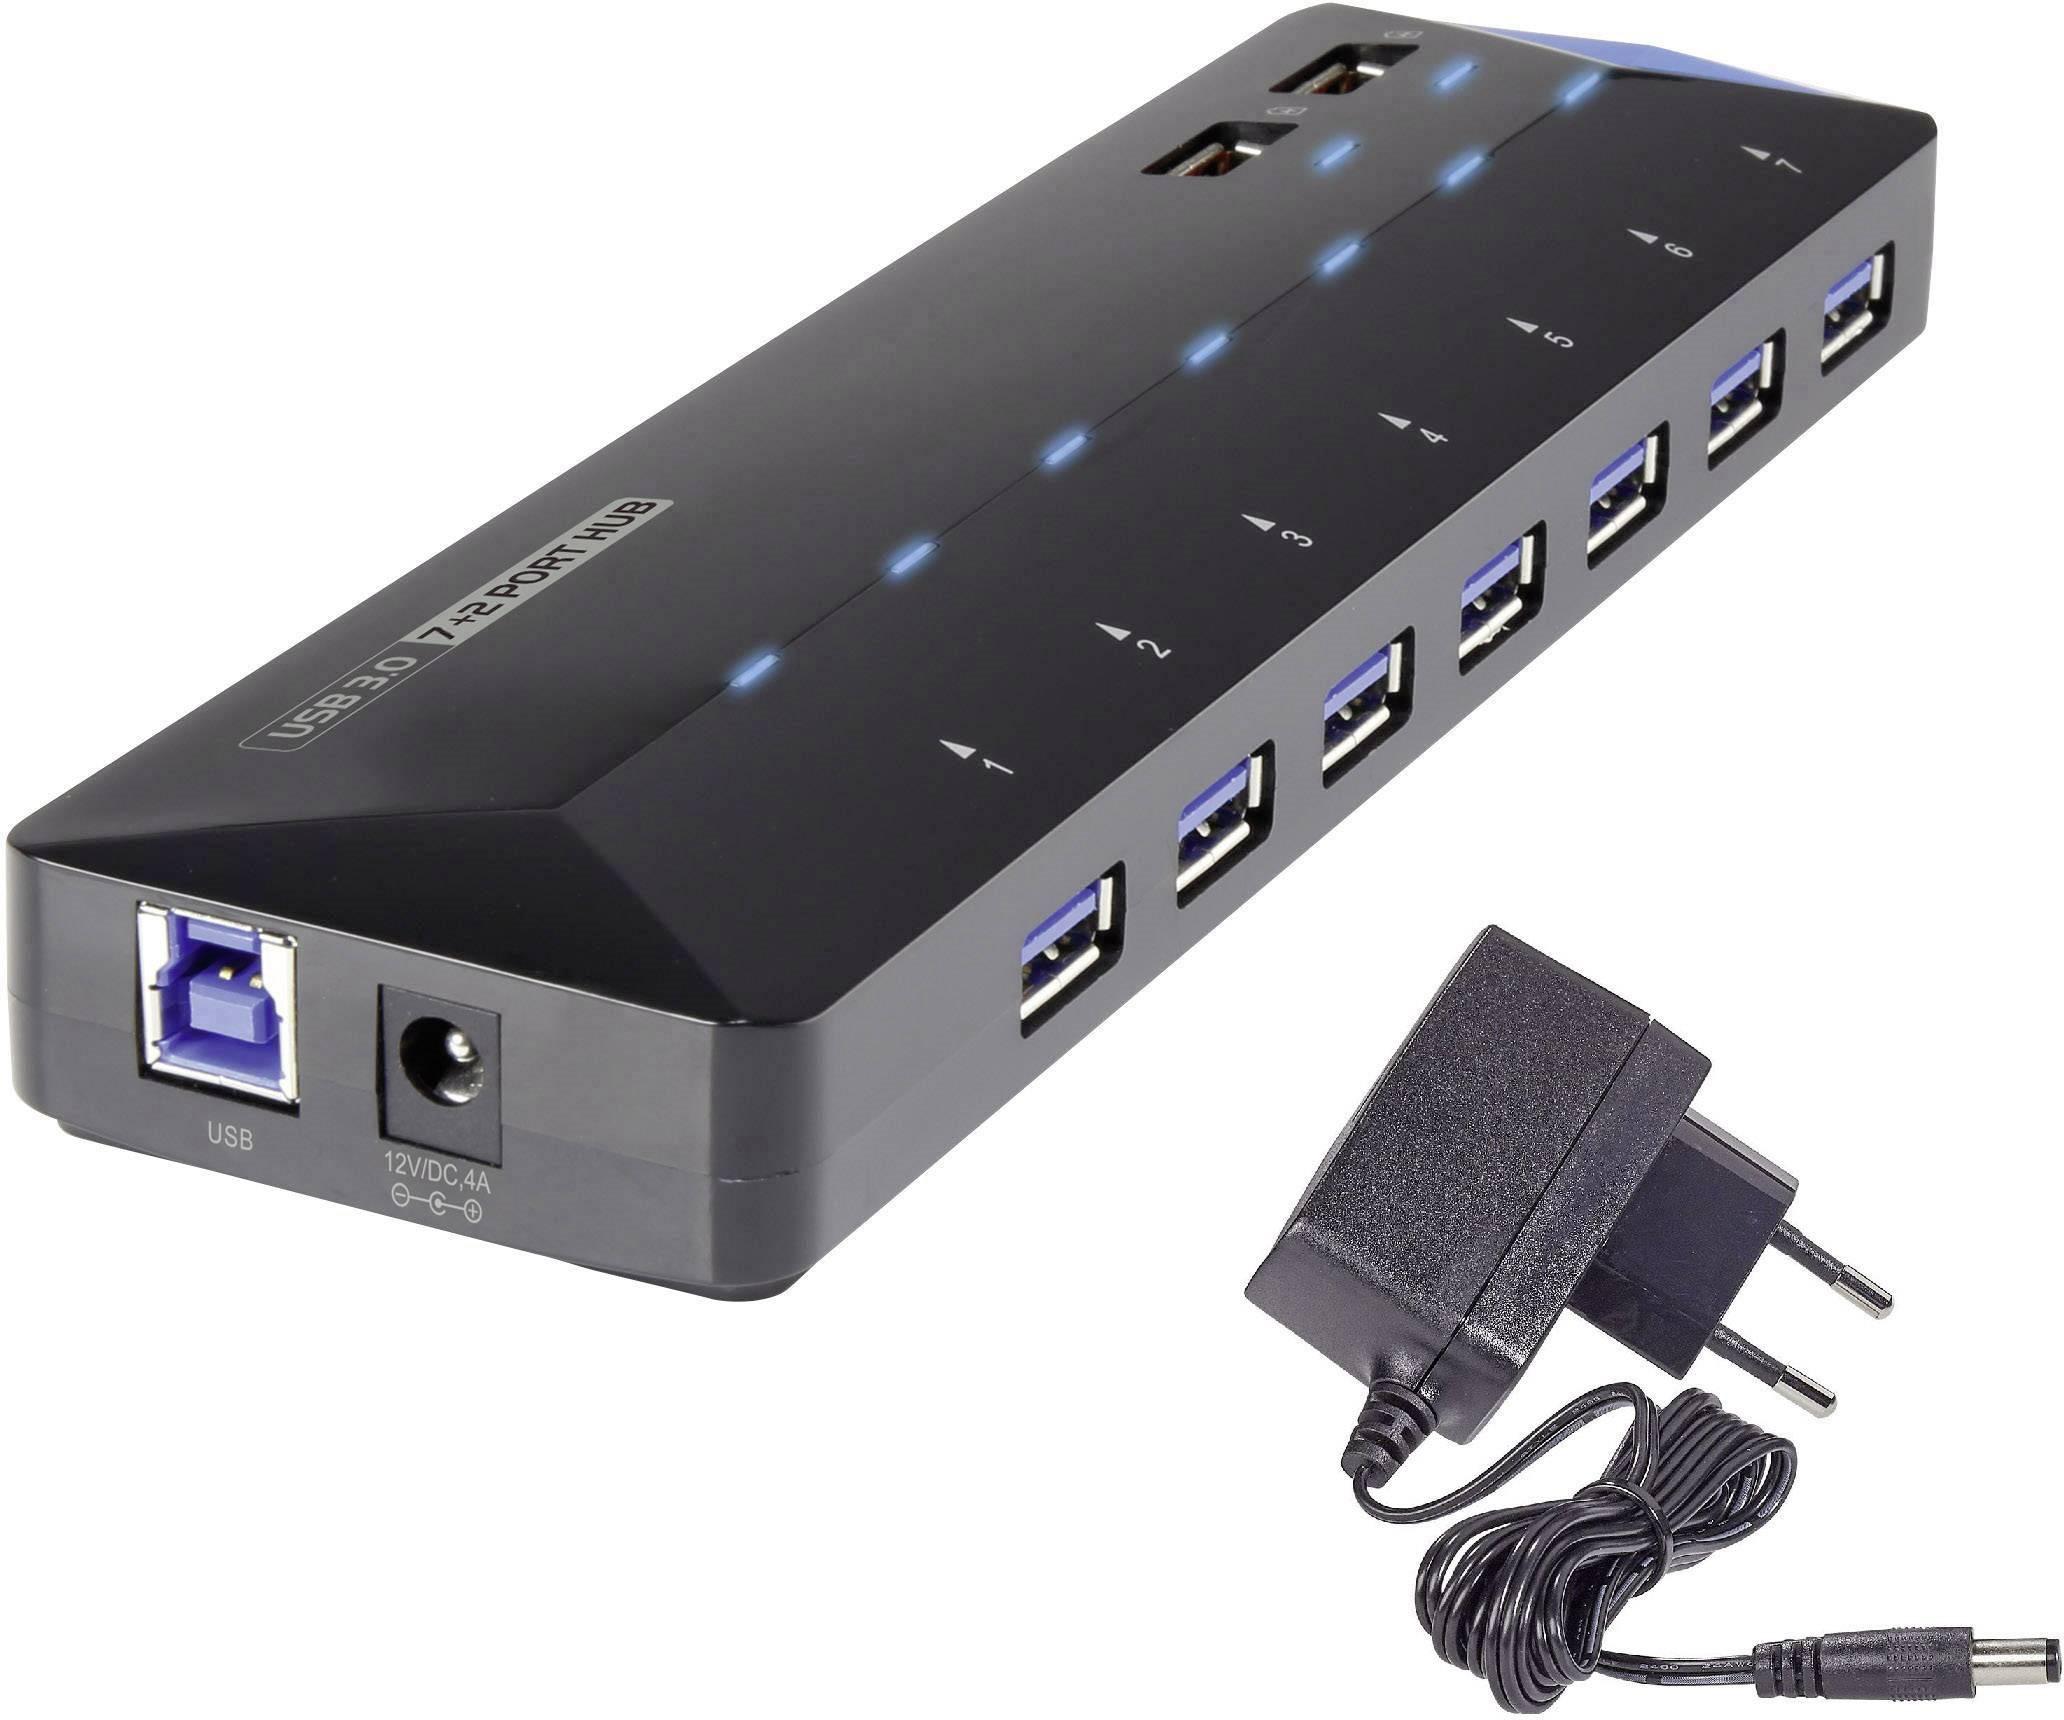 Usb Hubs Schnittstellen Verteiler Gnstig Online Kaufen Bei Conrad Kabel Power Adaptor Charger Laptop 3 Lubang Renkforce 7 2 Port 30 Hub Mit Schnellladeport Status Leds